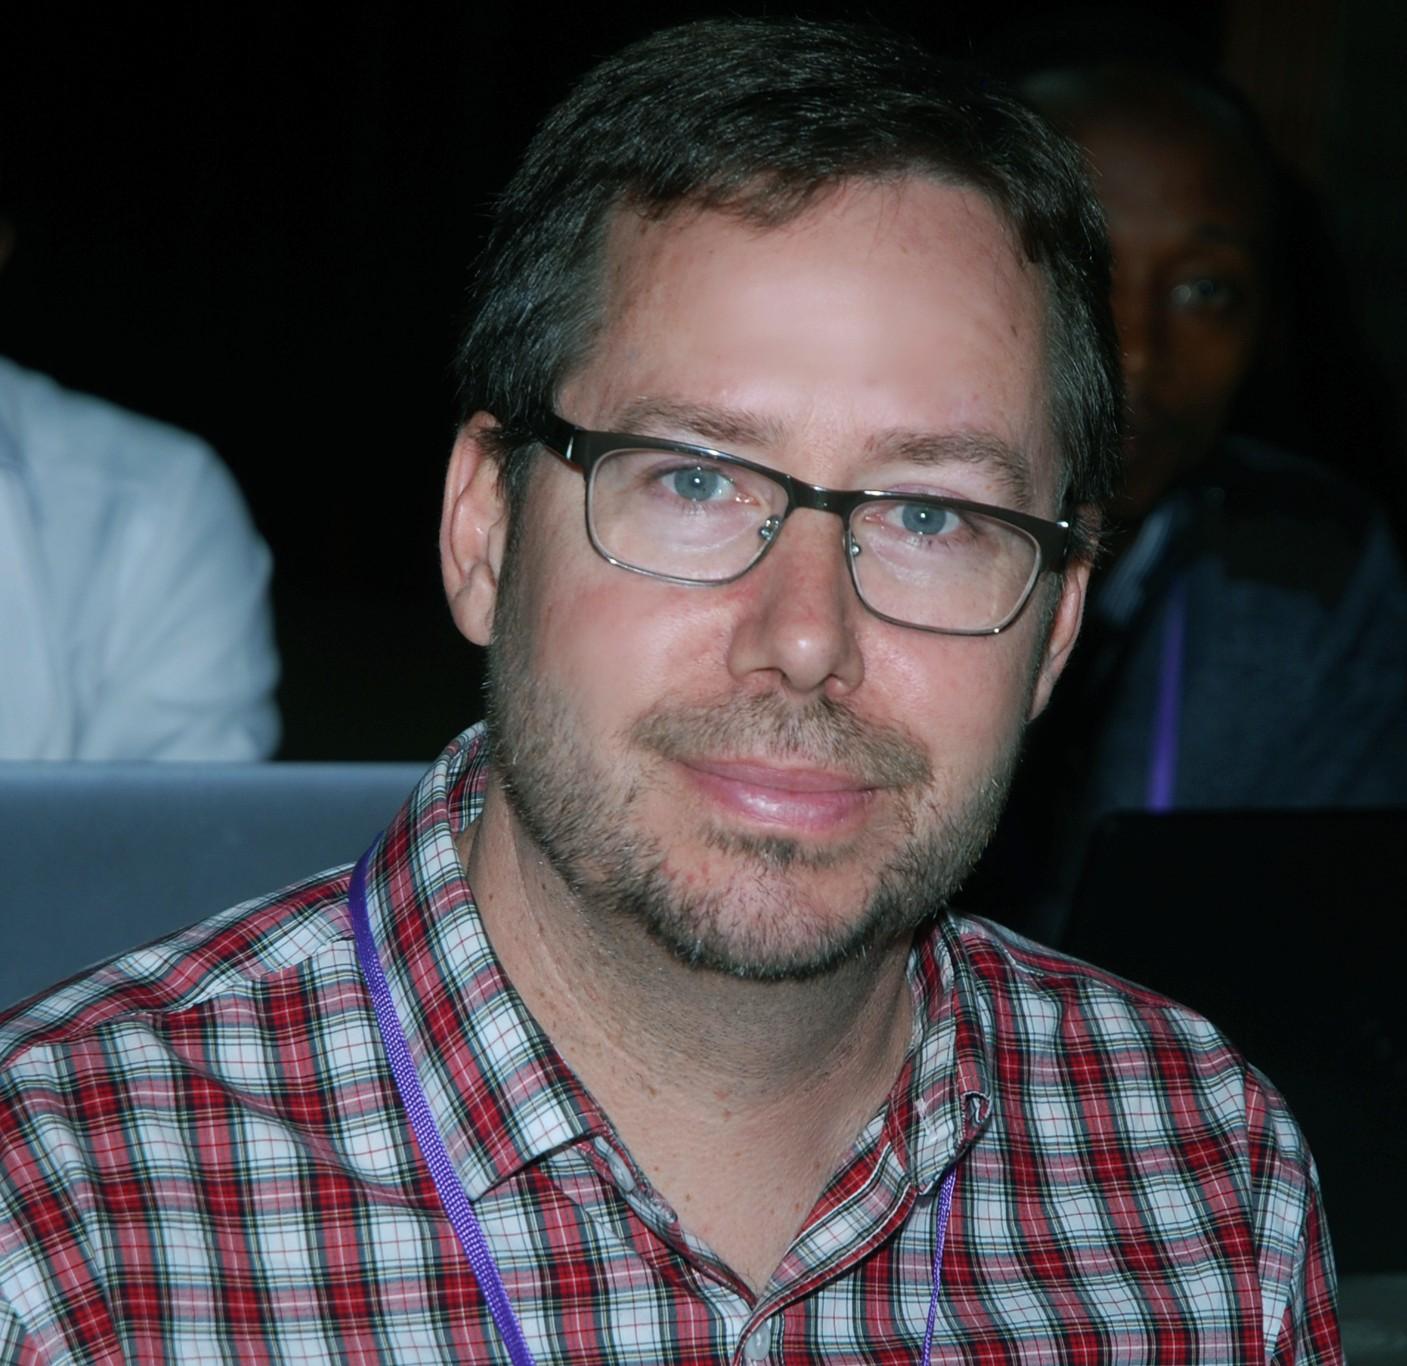 David Boulware